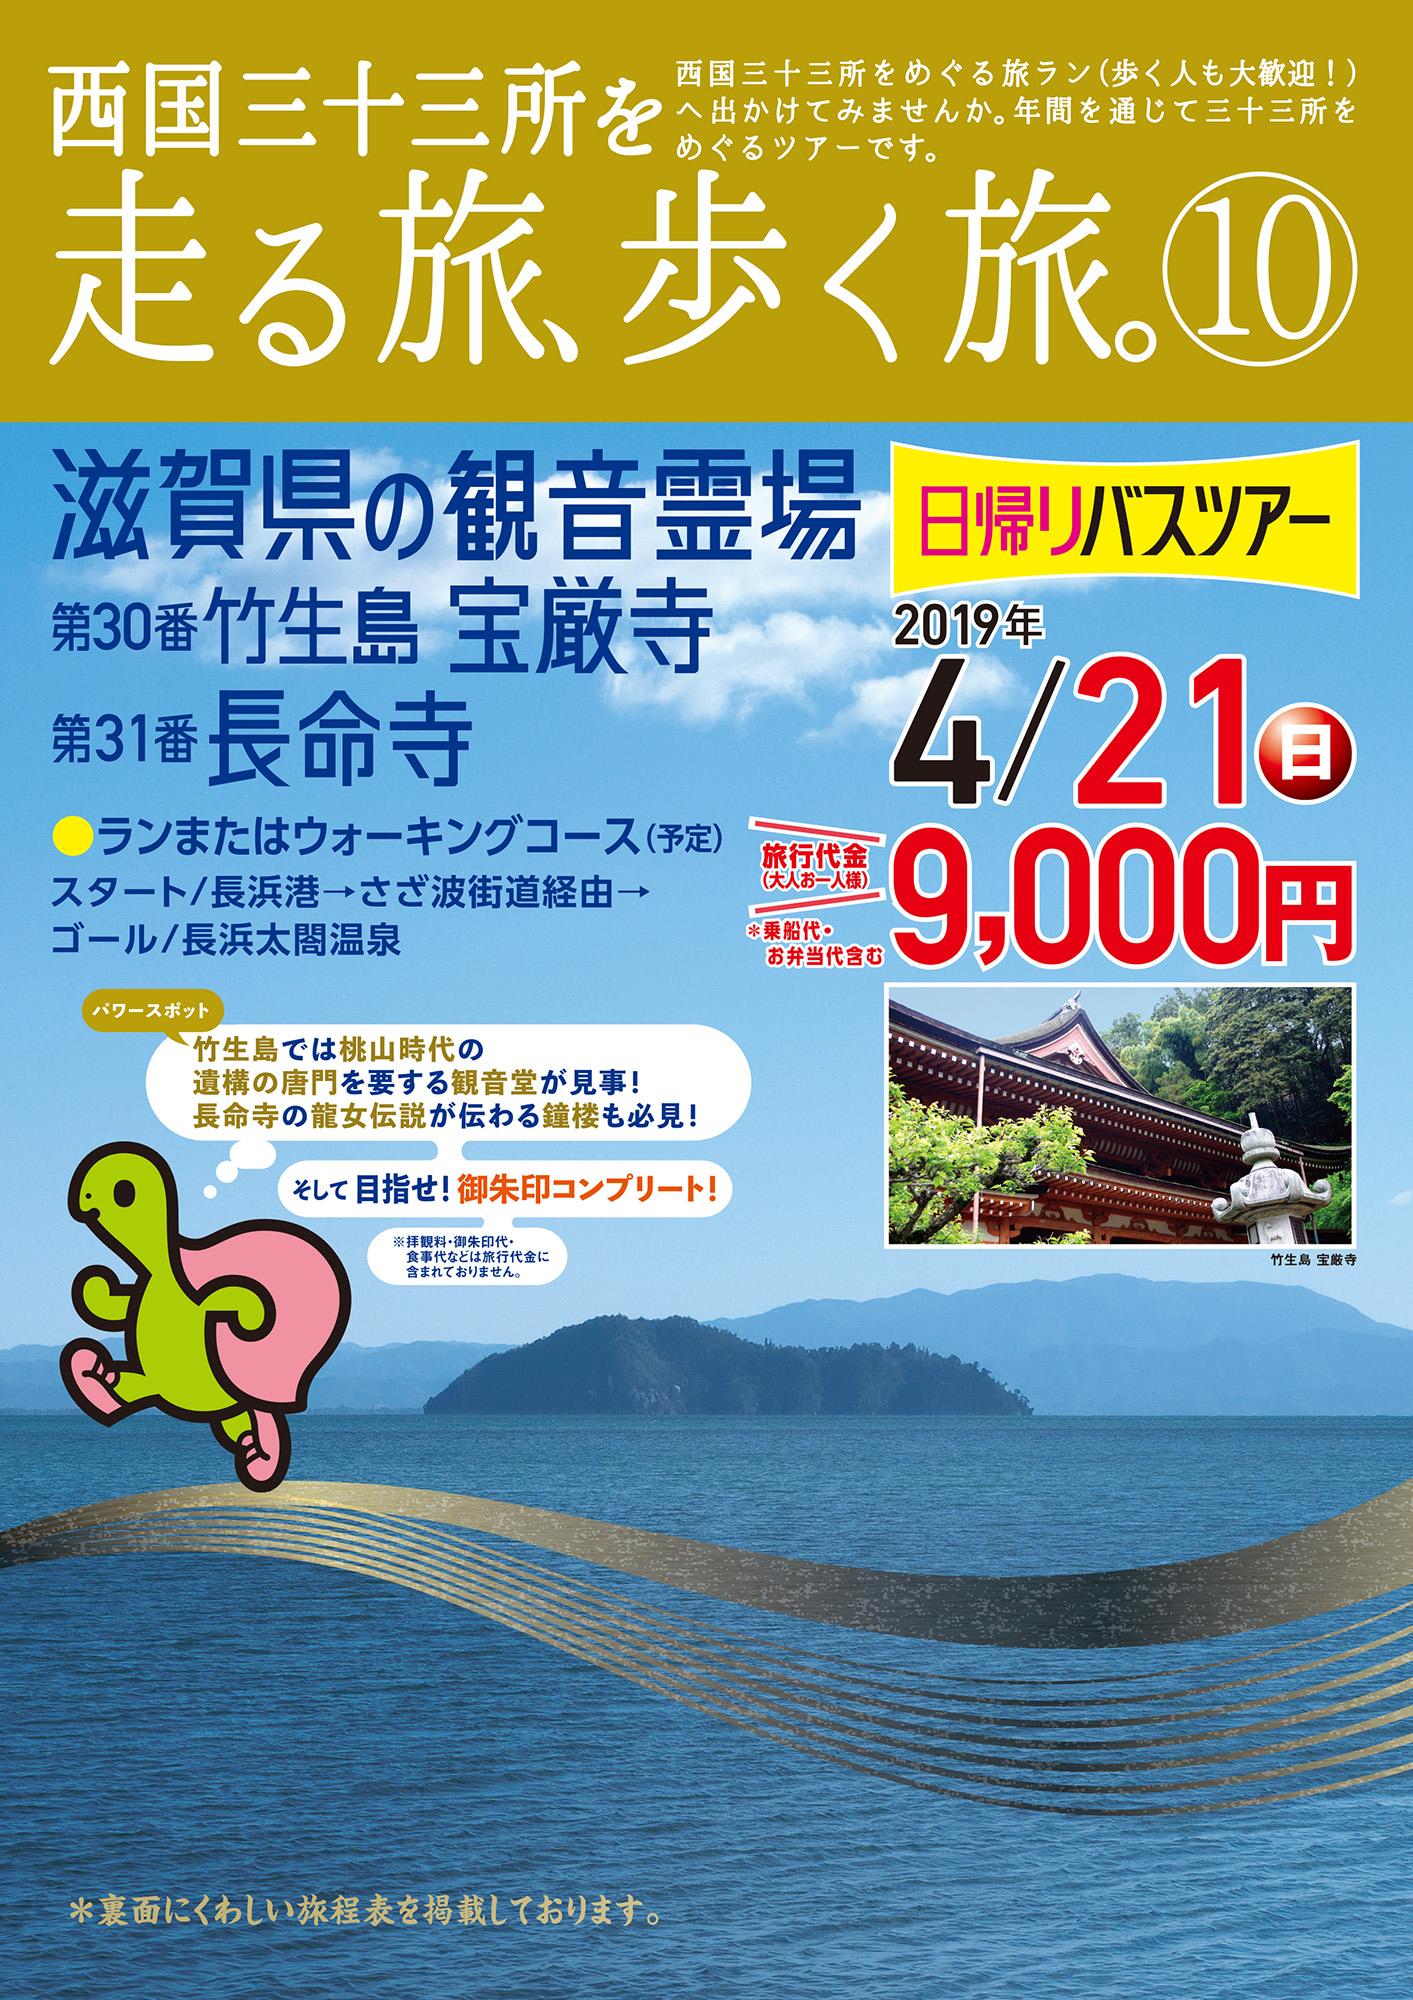 「西国三十三所を走る旅、歩く旅。」〜vol.10 滋賀県の観音霊場〜